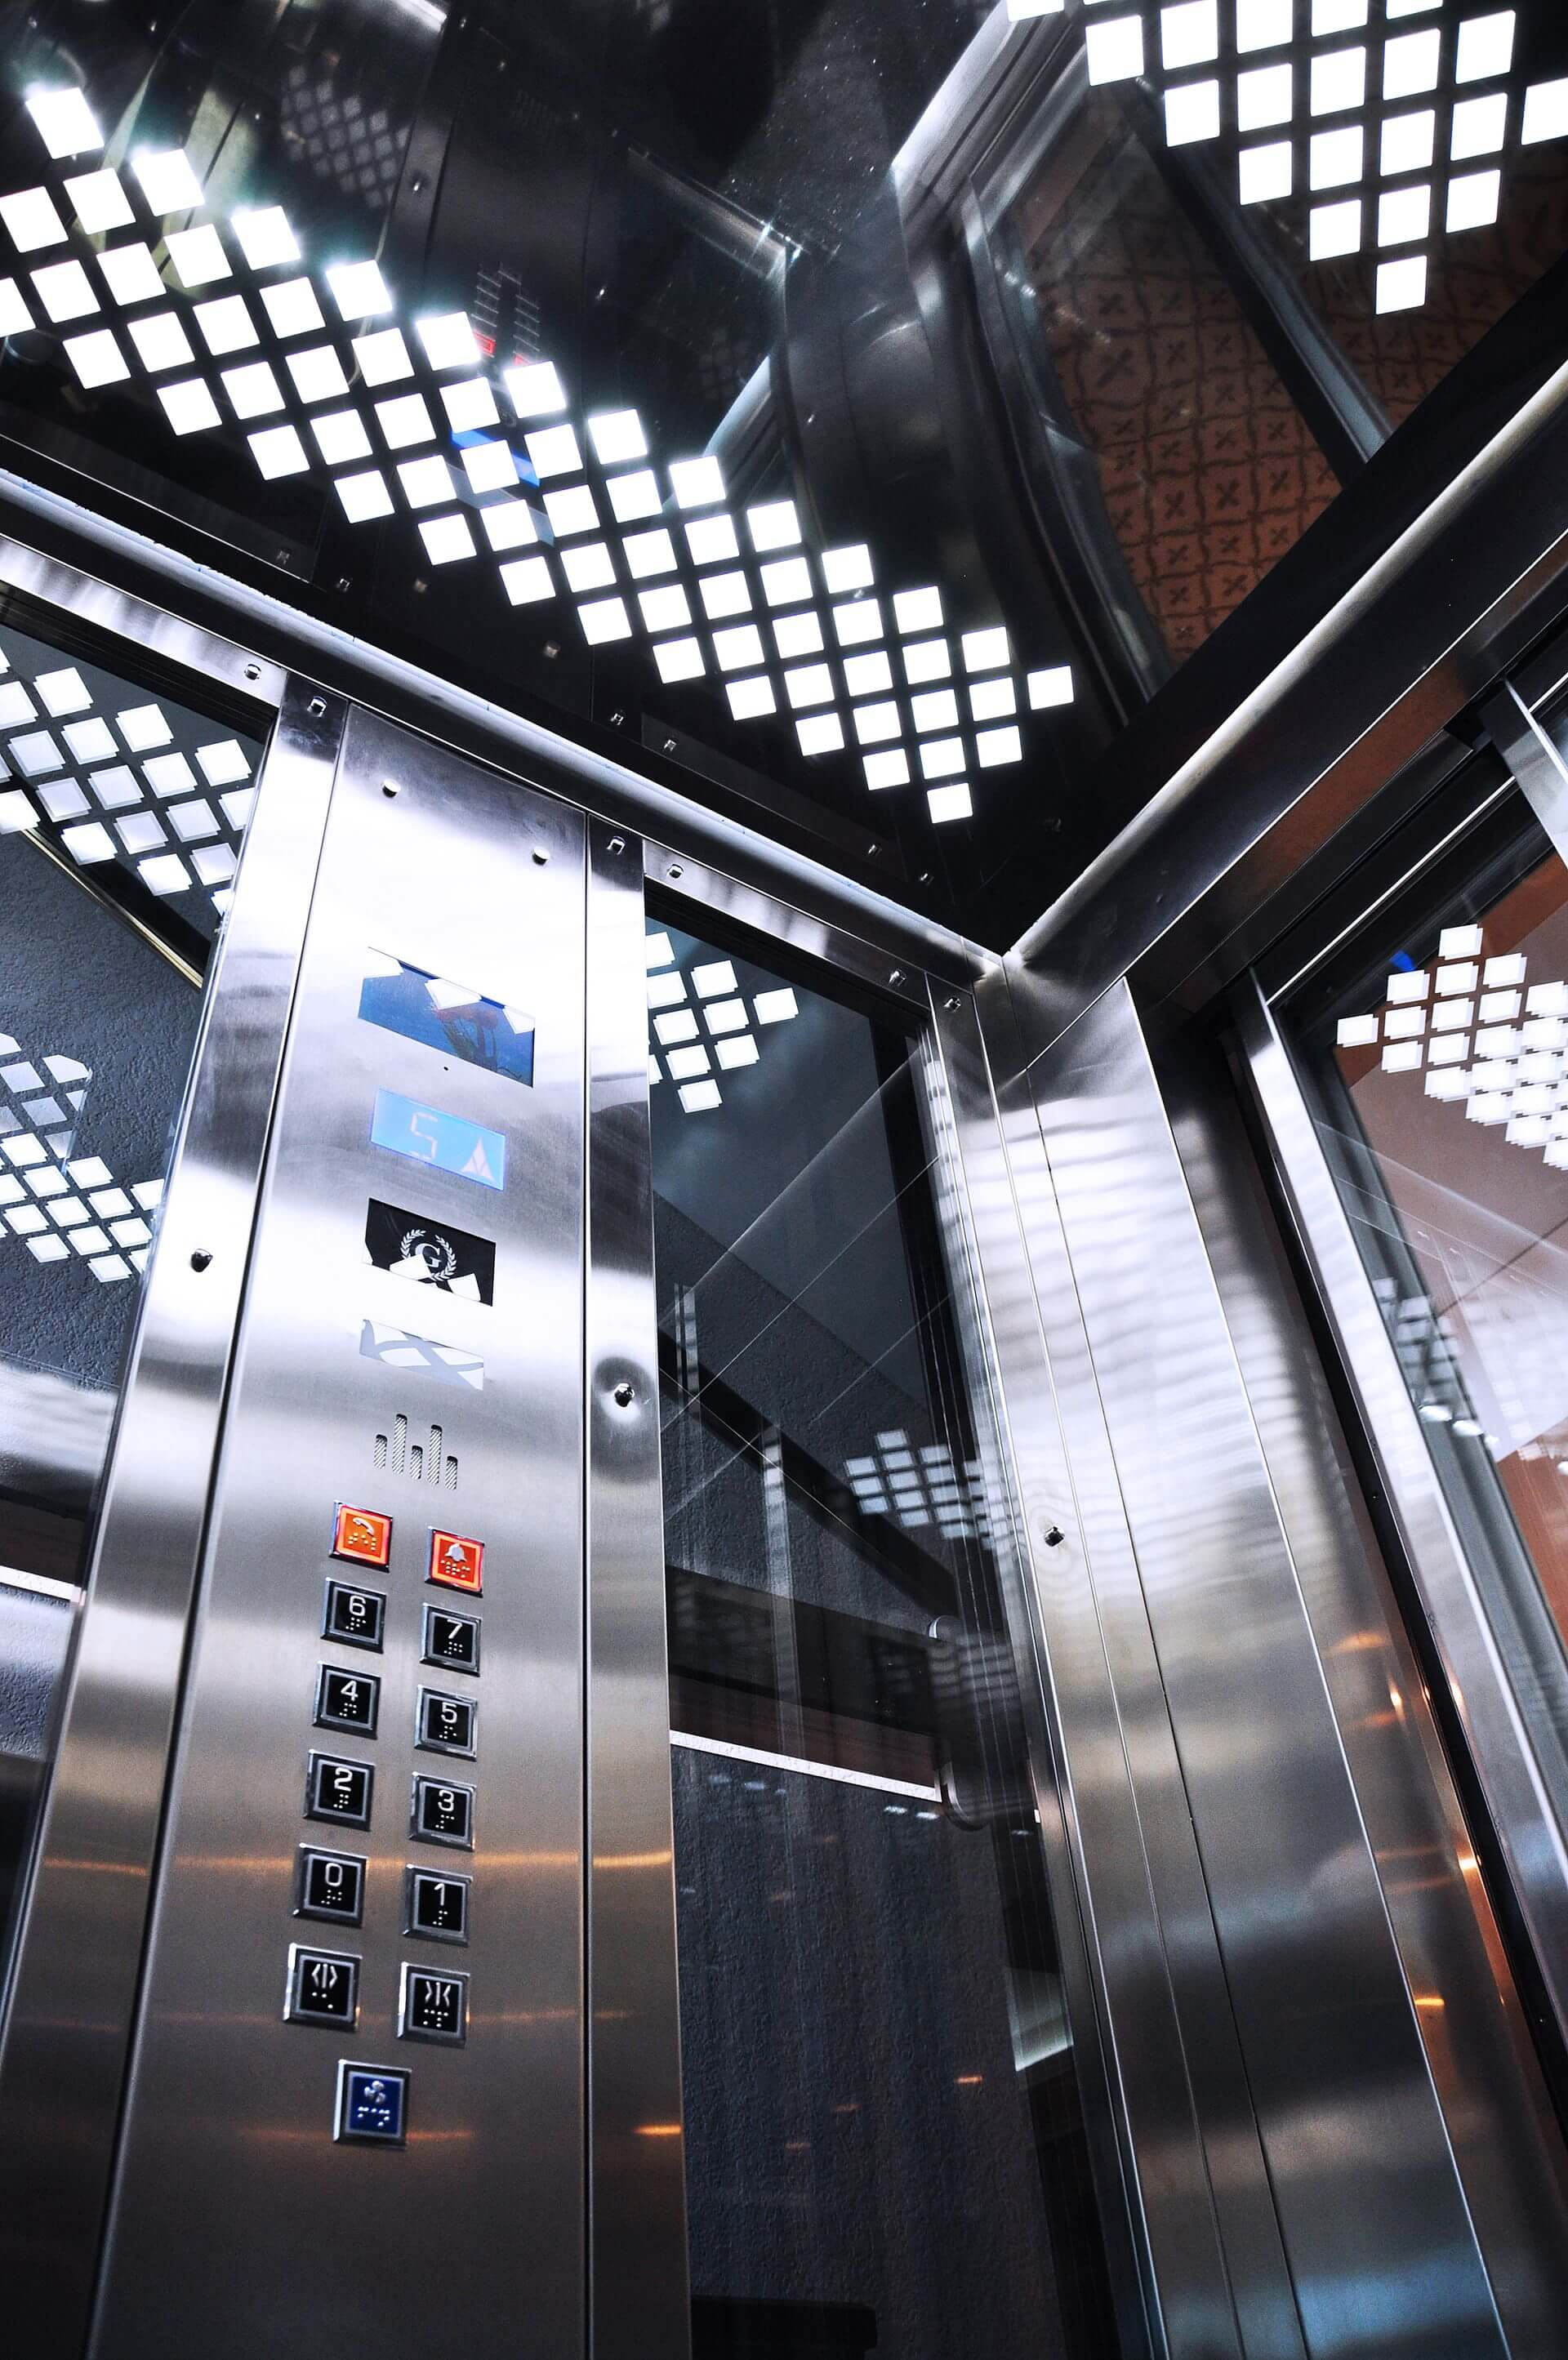 Гранд отель Гагра лифт - отель европейского уровня в Абхазии (Grand Hotel Gagra)